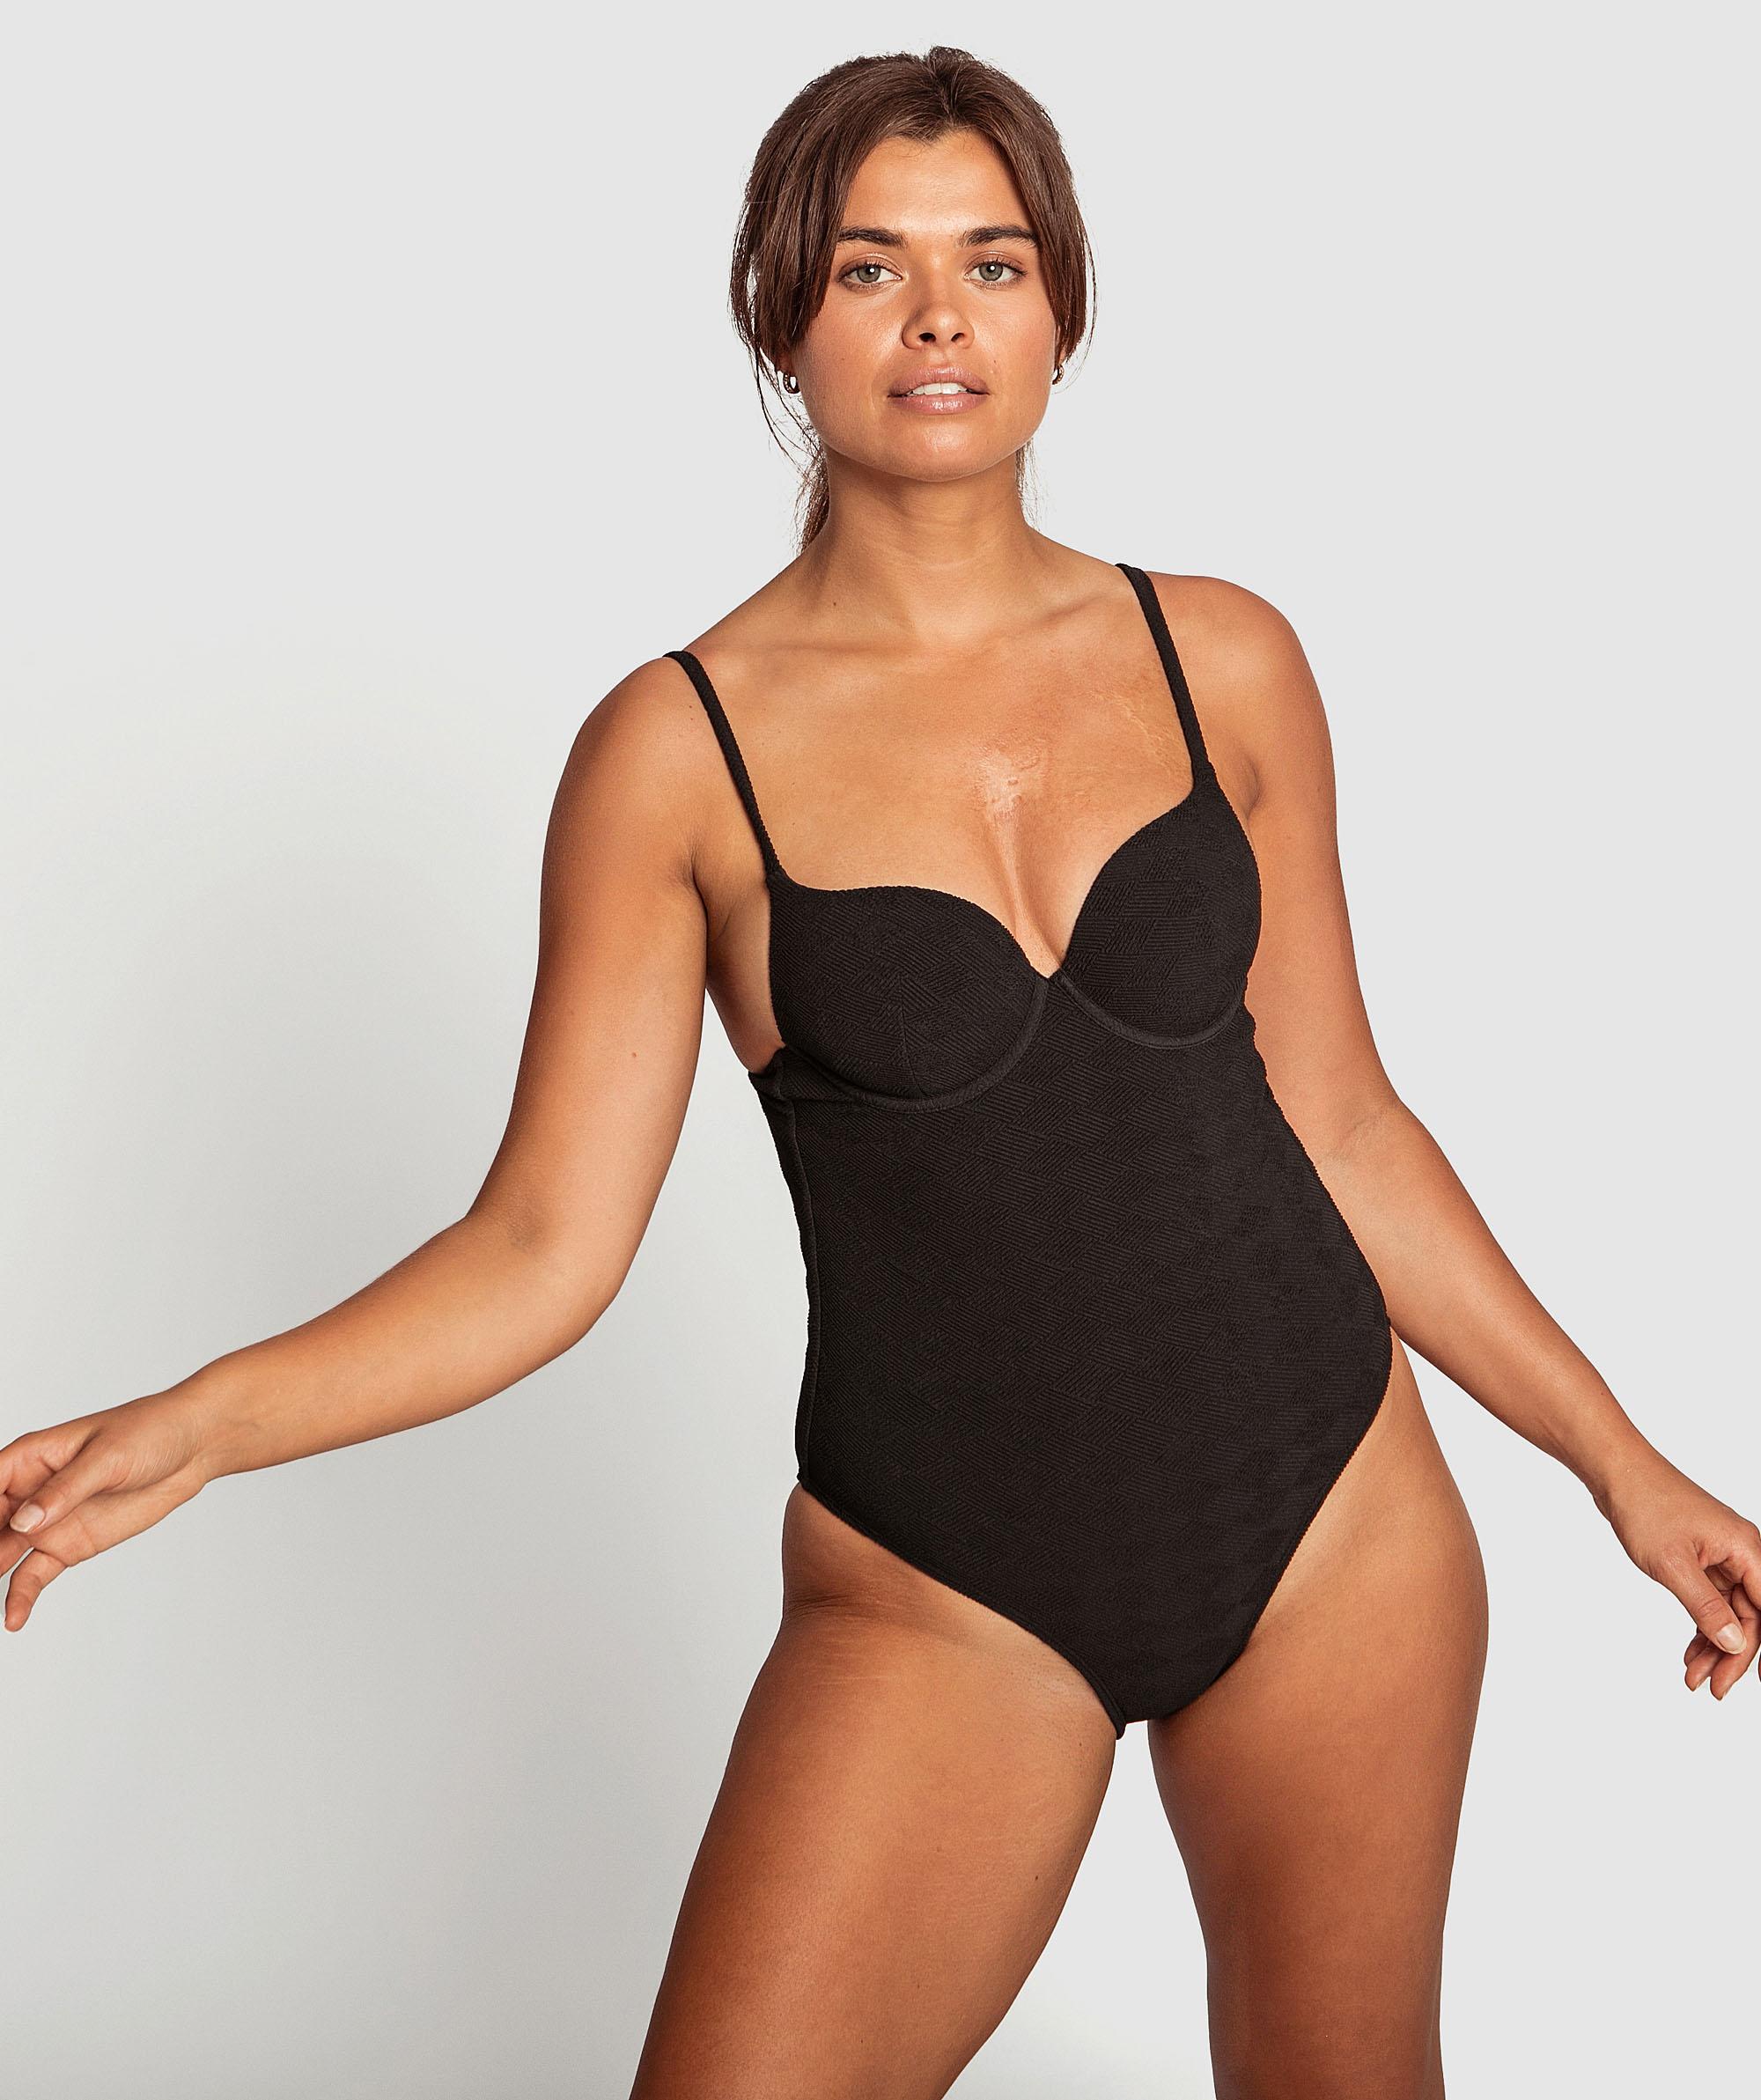 Body Bliss Swim One Piece - Black